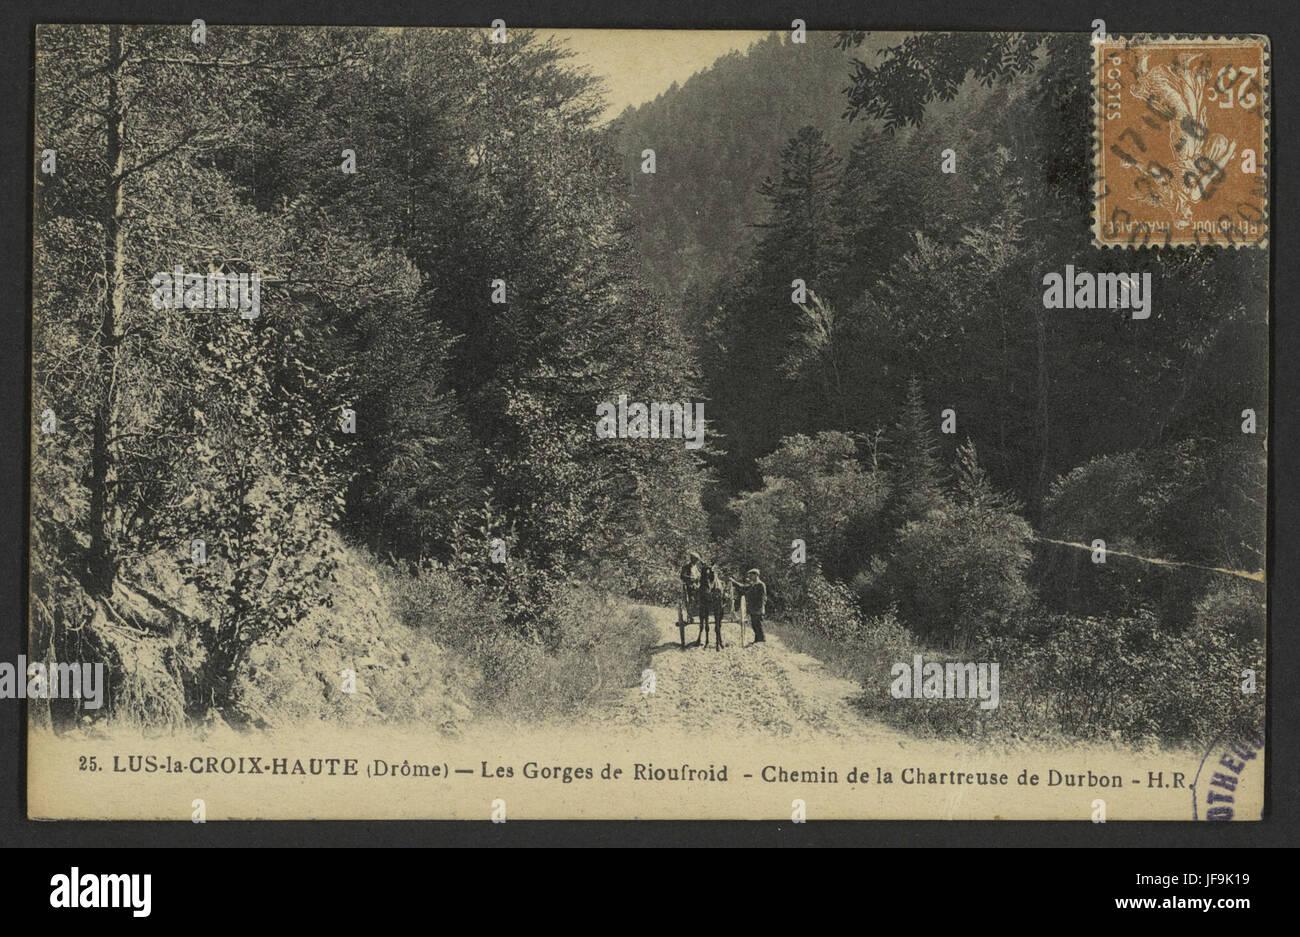 Lus-la-Croix-Haute (Drôme) - Les gorges de Rioufroid - Chemin de 33729161404 o Stock Photo